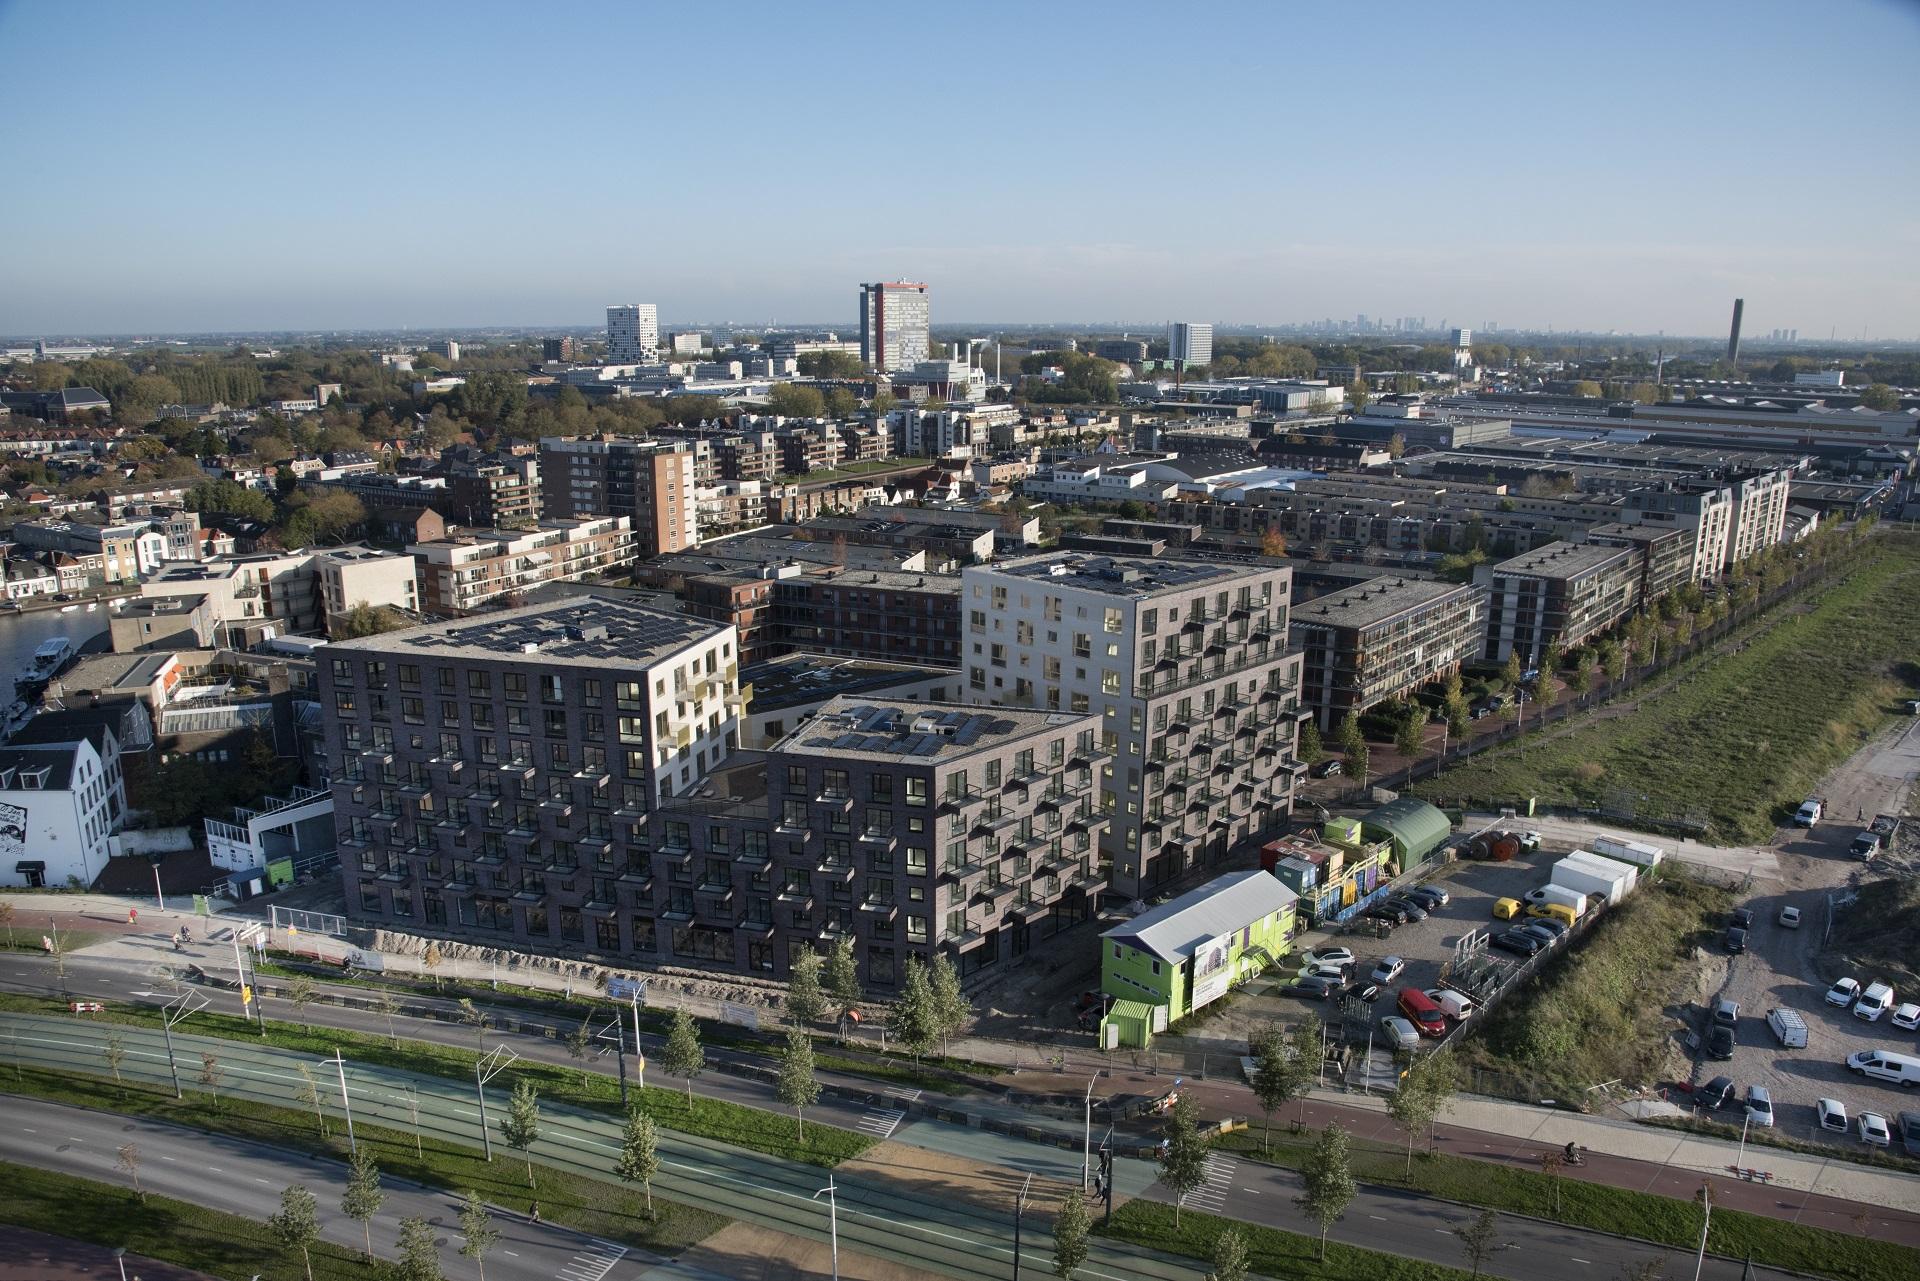 Luchtfoto van gebouw VOLT in Nieuw Delft